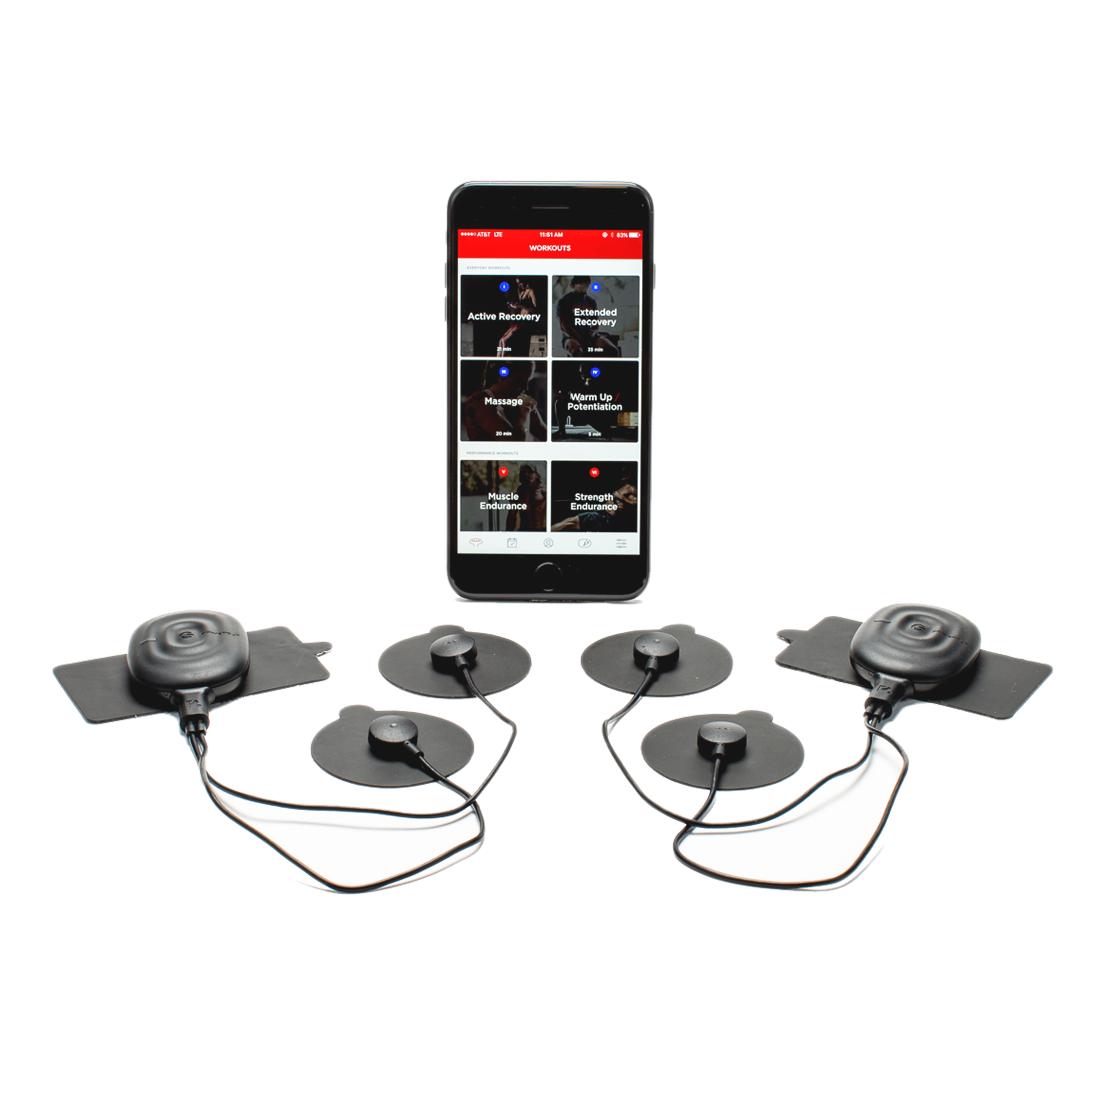 Двухзонный миостимулятор, PowerDot DUO, черный